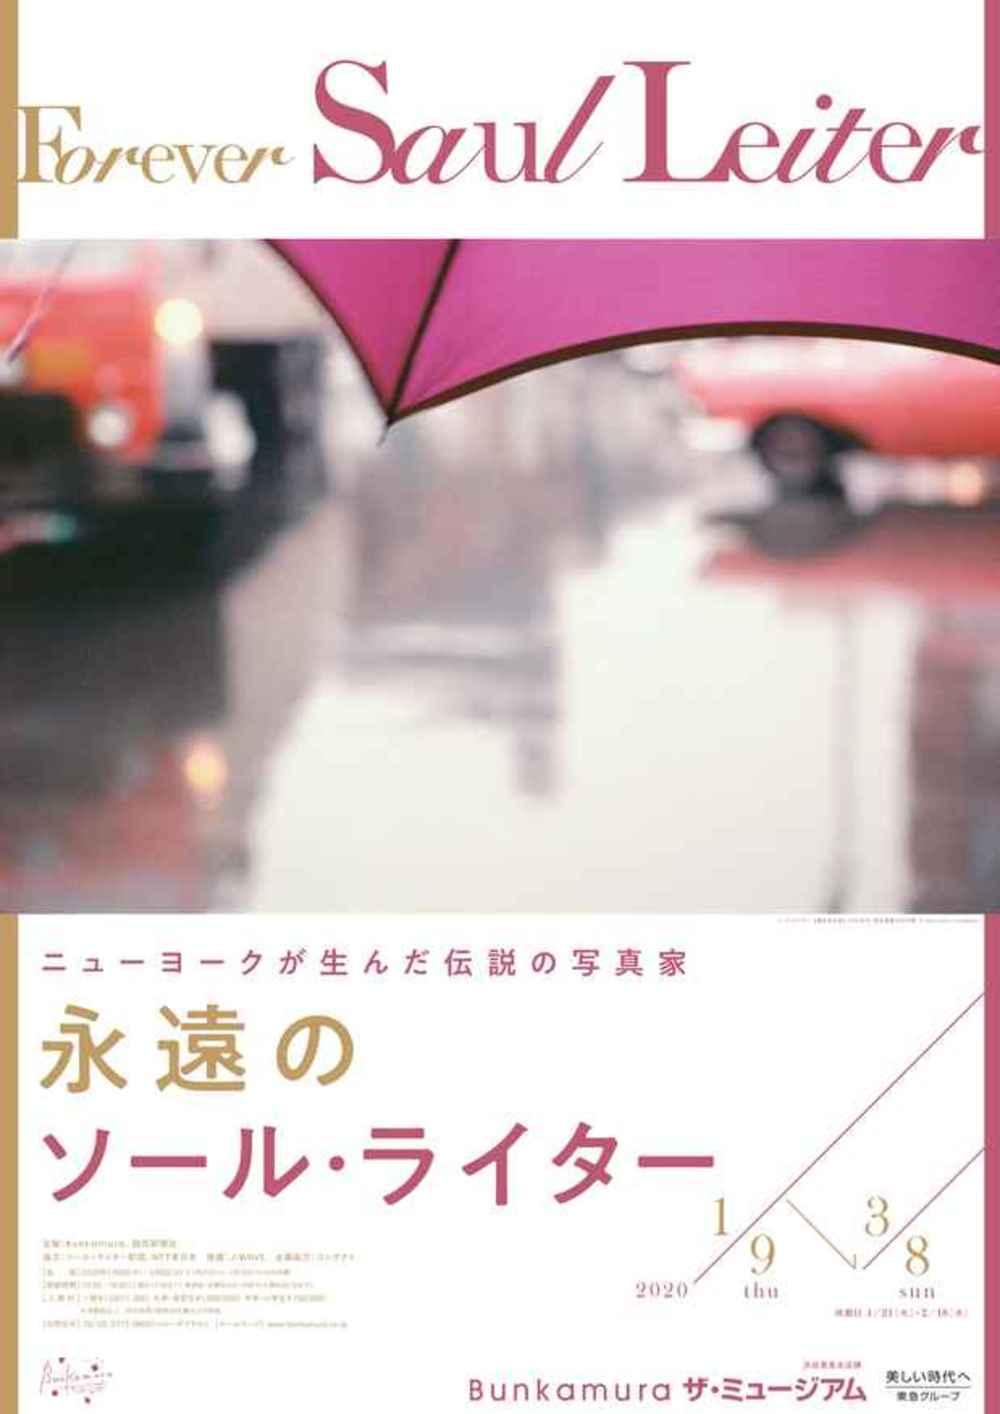 Bunkamura ザ・ミュージアム「ソールライター」展を見に行く!